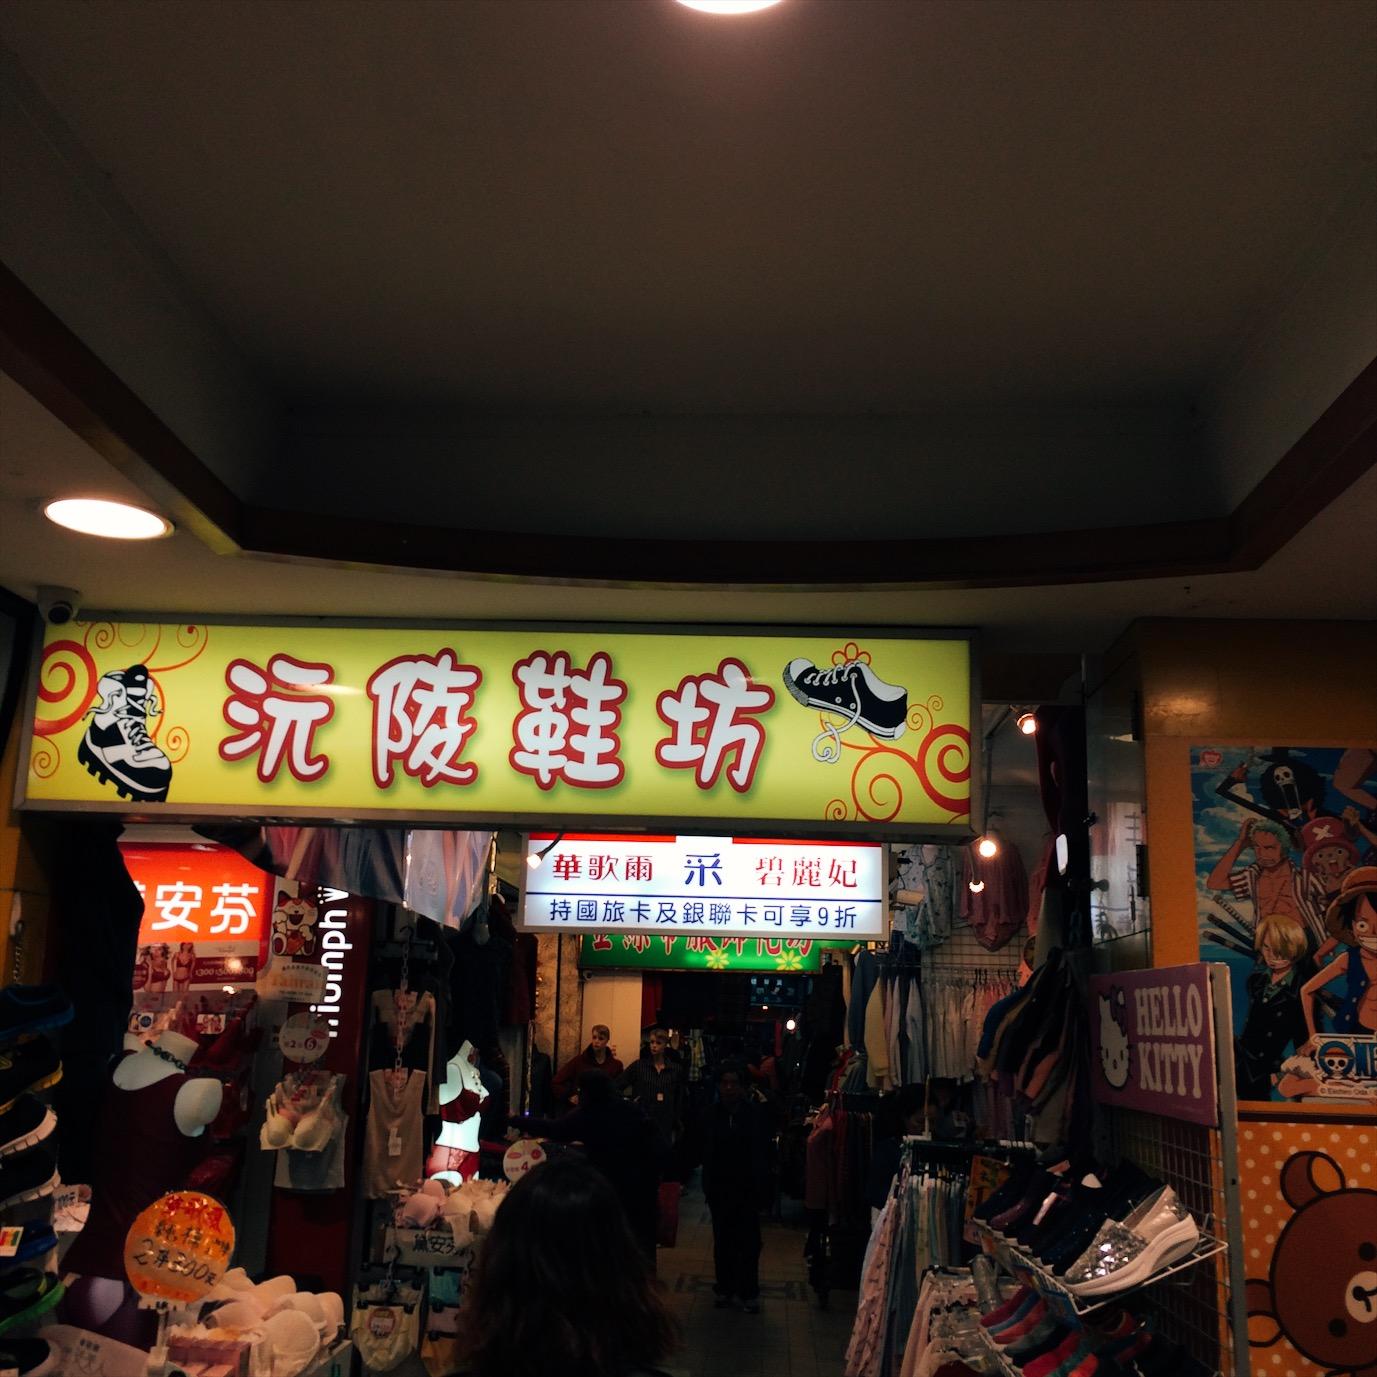 那時很多人新人生開始的第一雙皮鞋都是在這裡購買。